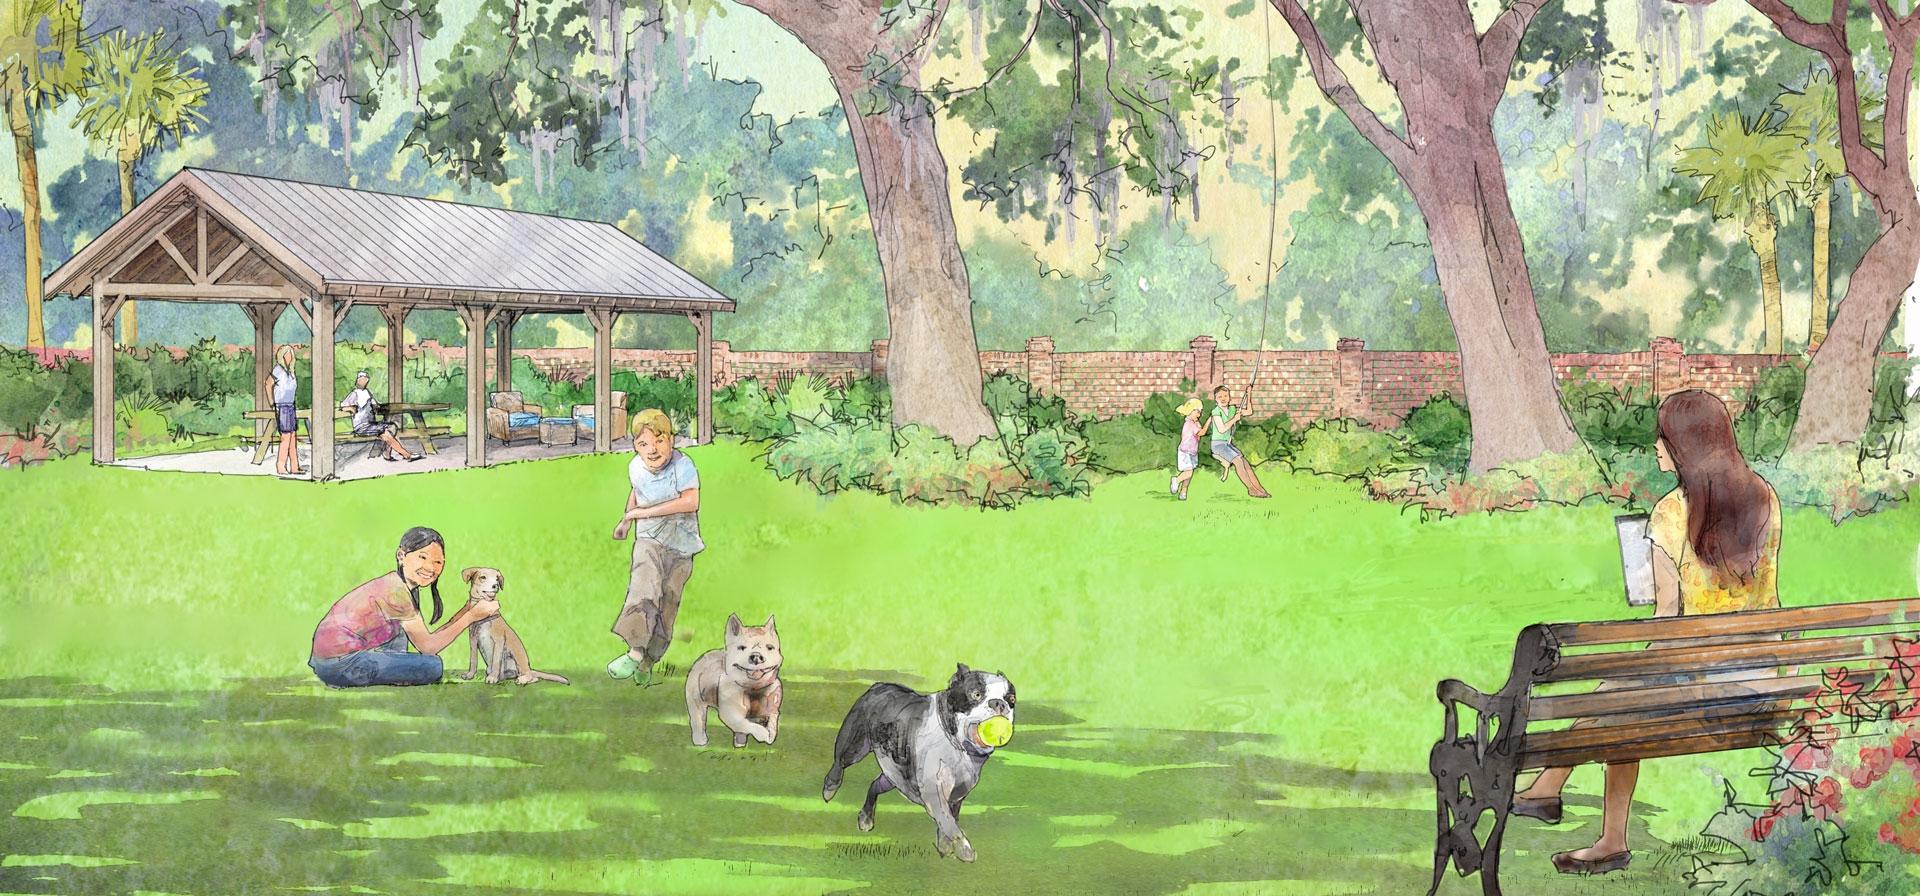 Ash_Hall_Dogpark_190726-47A5.jpg